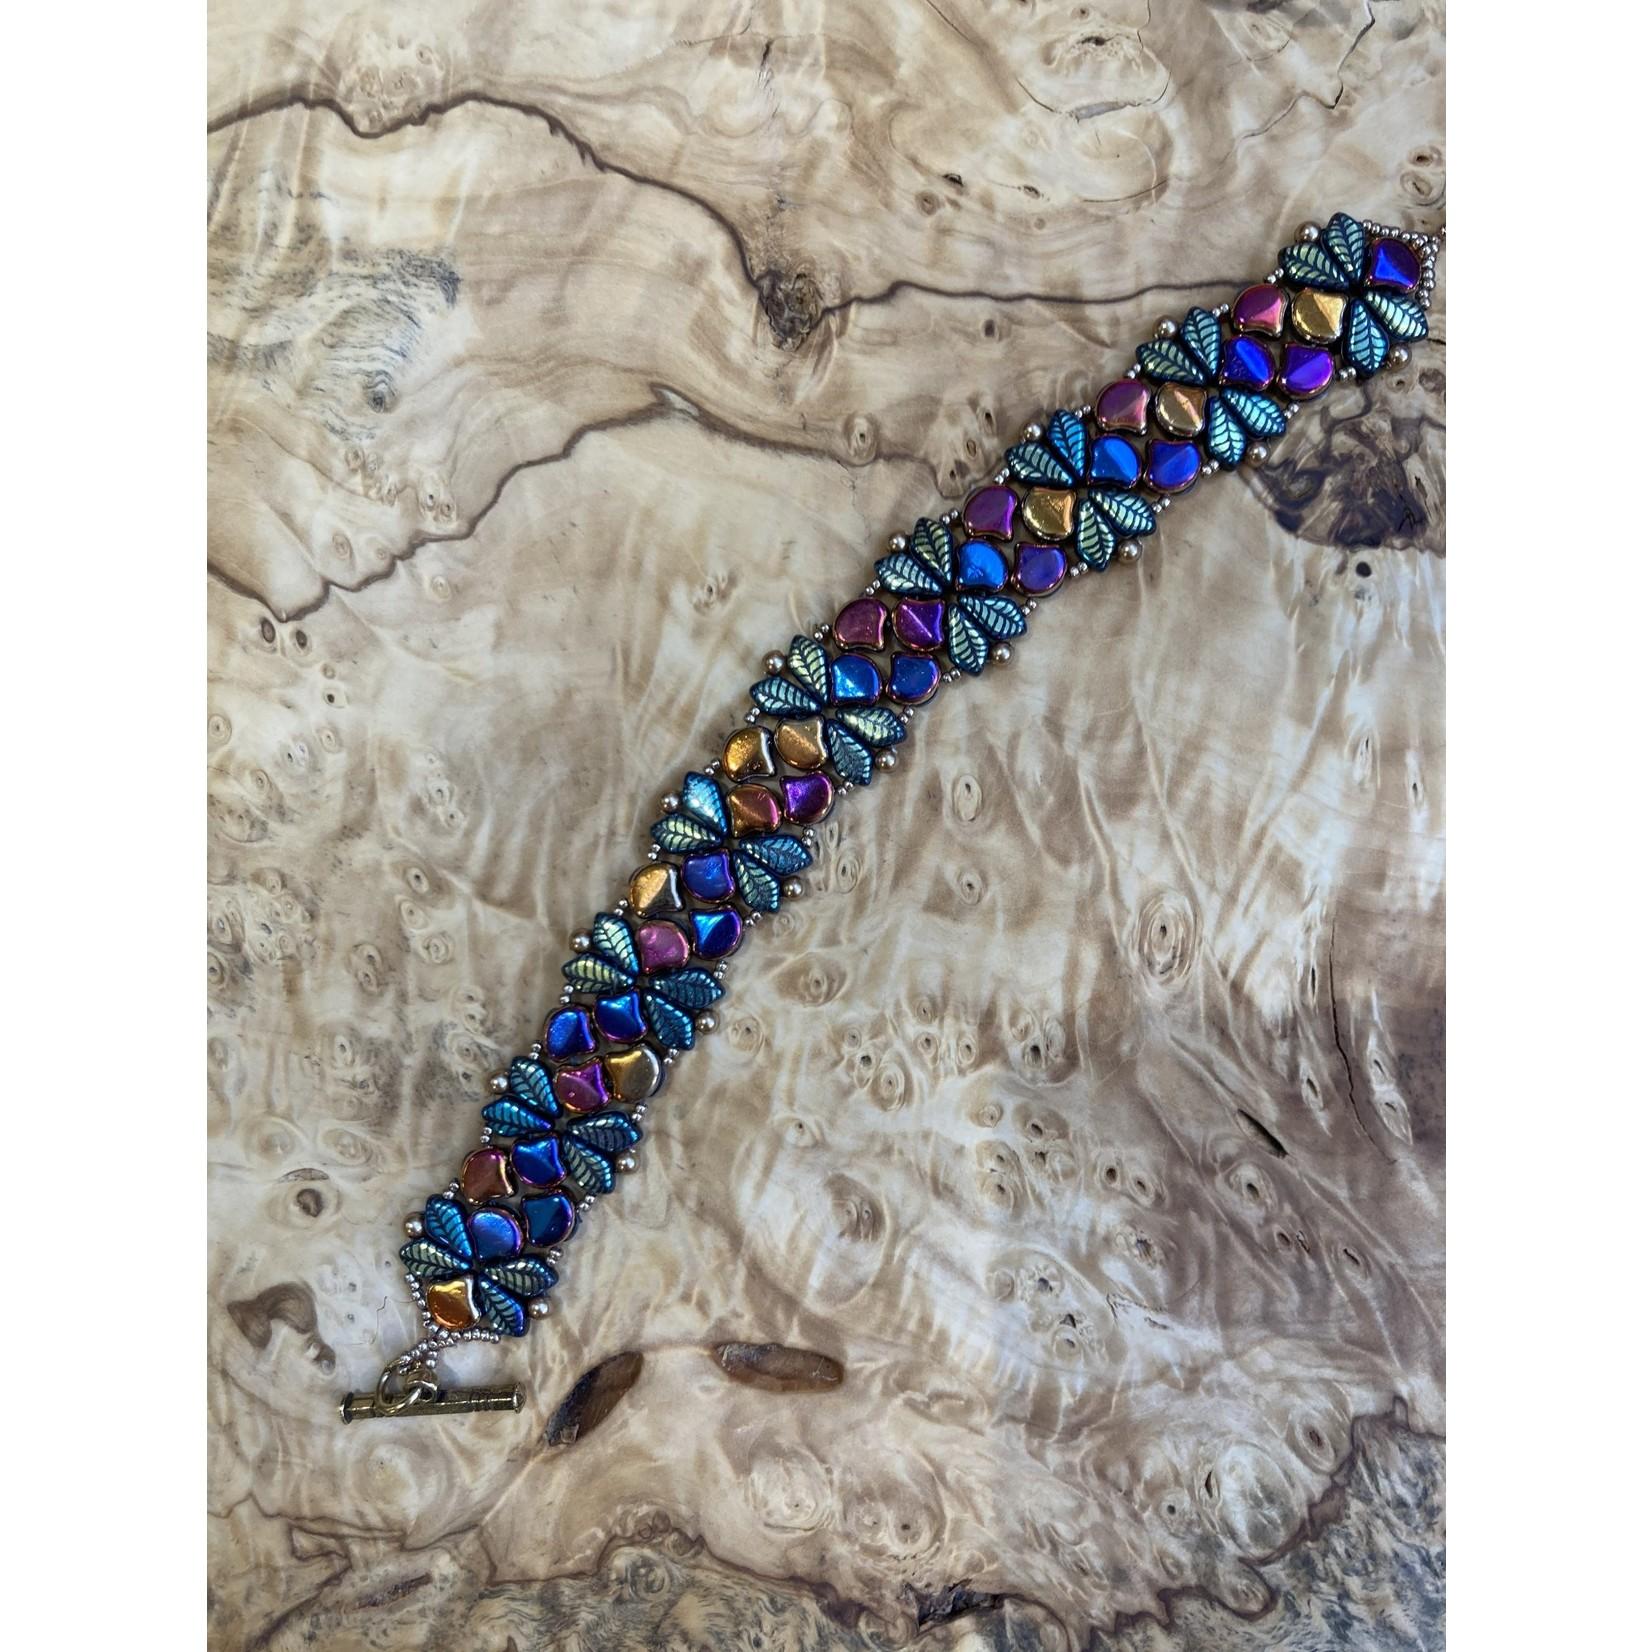 Jeanne Shuff JeanneMarie | Ginko beads /multi color bracelet